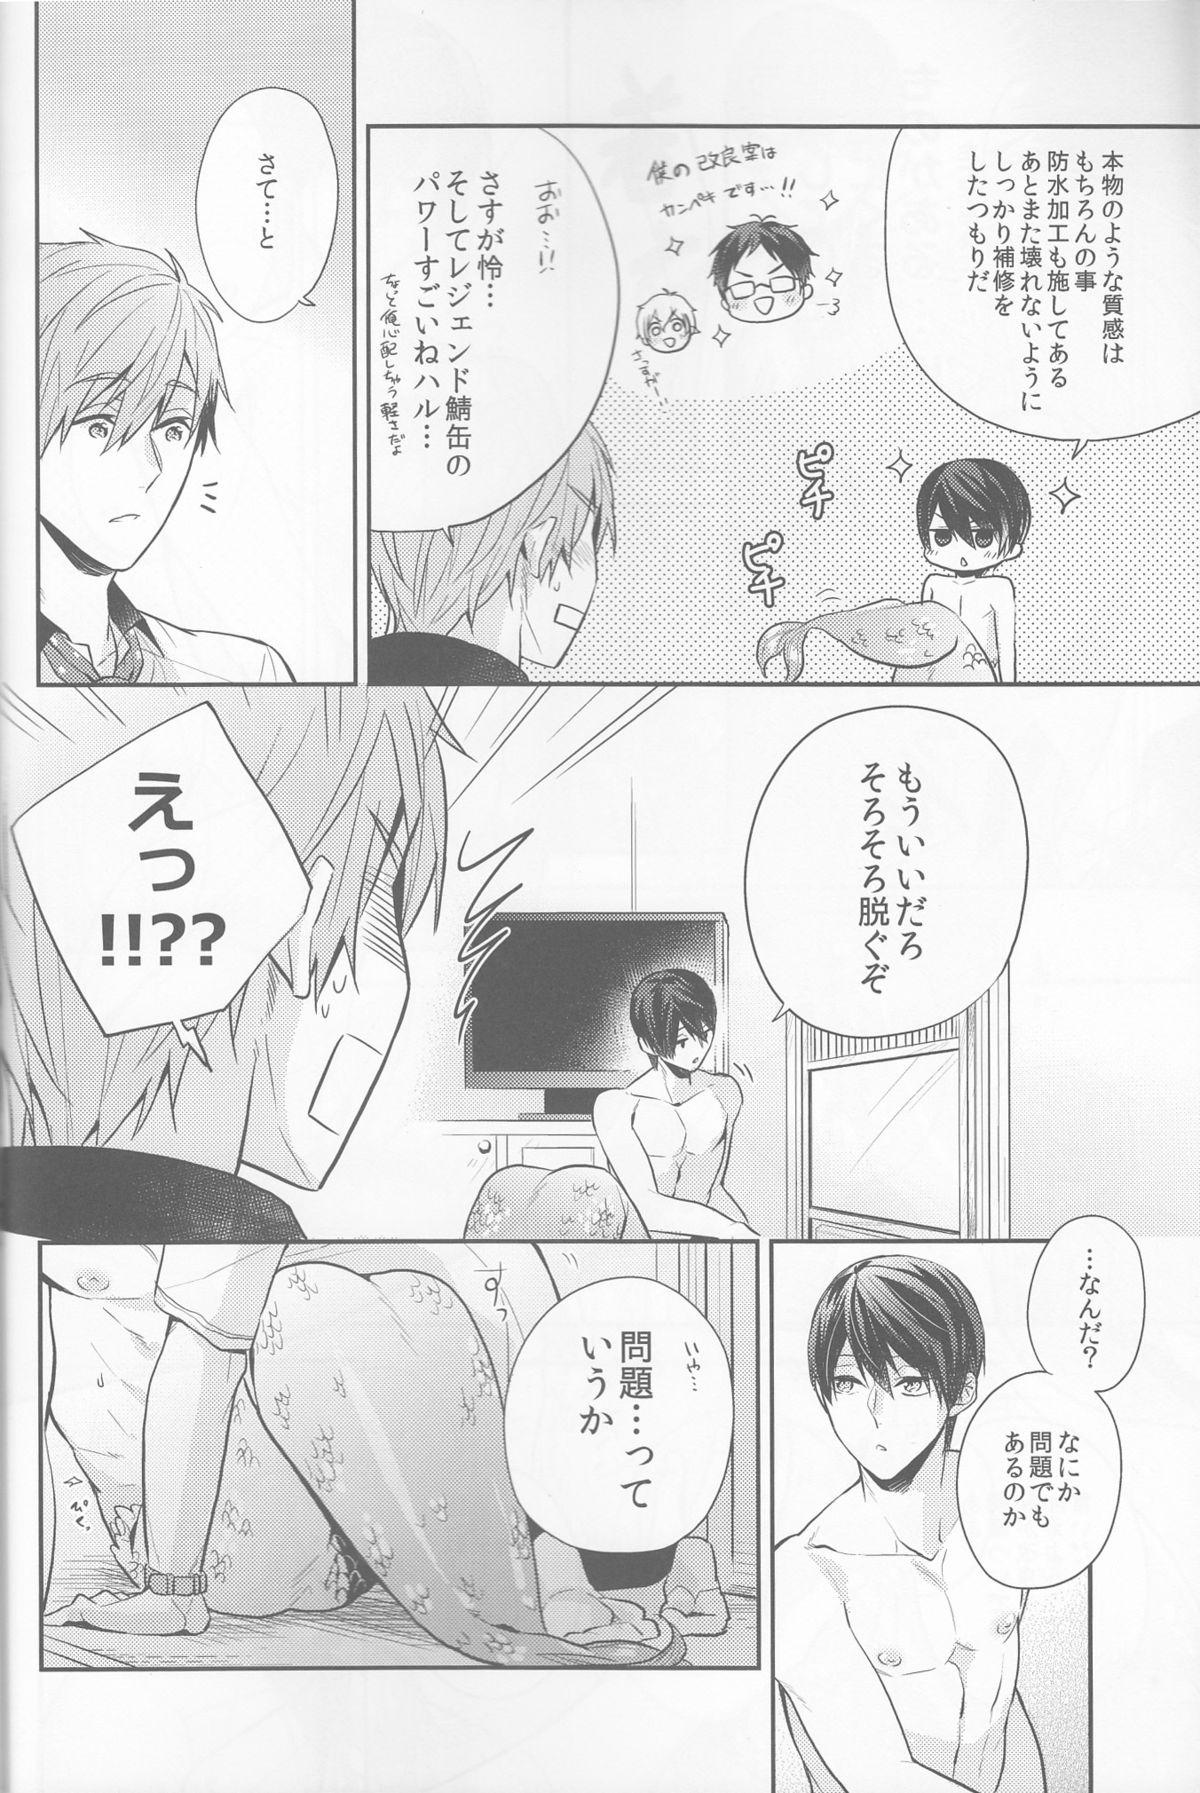 Manatsu no hakuchuumu 14